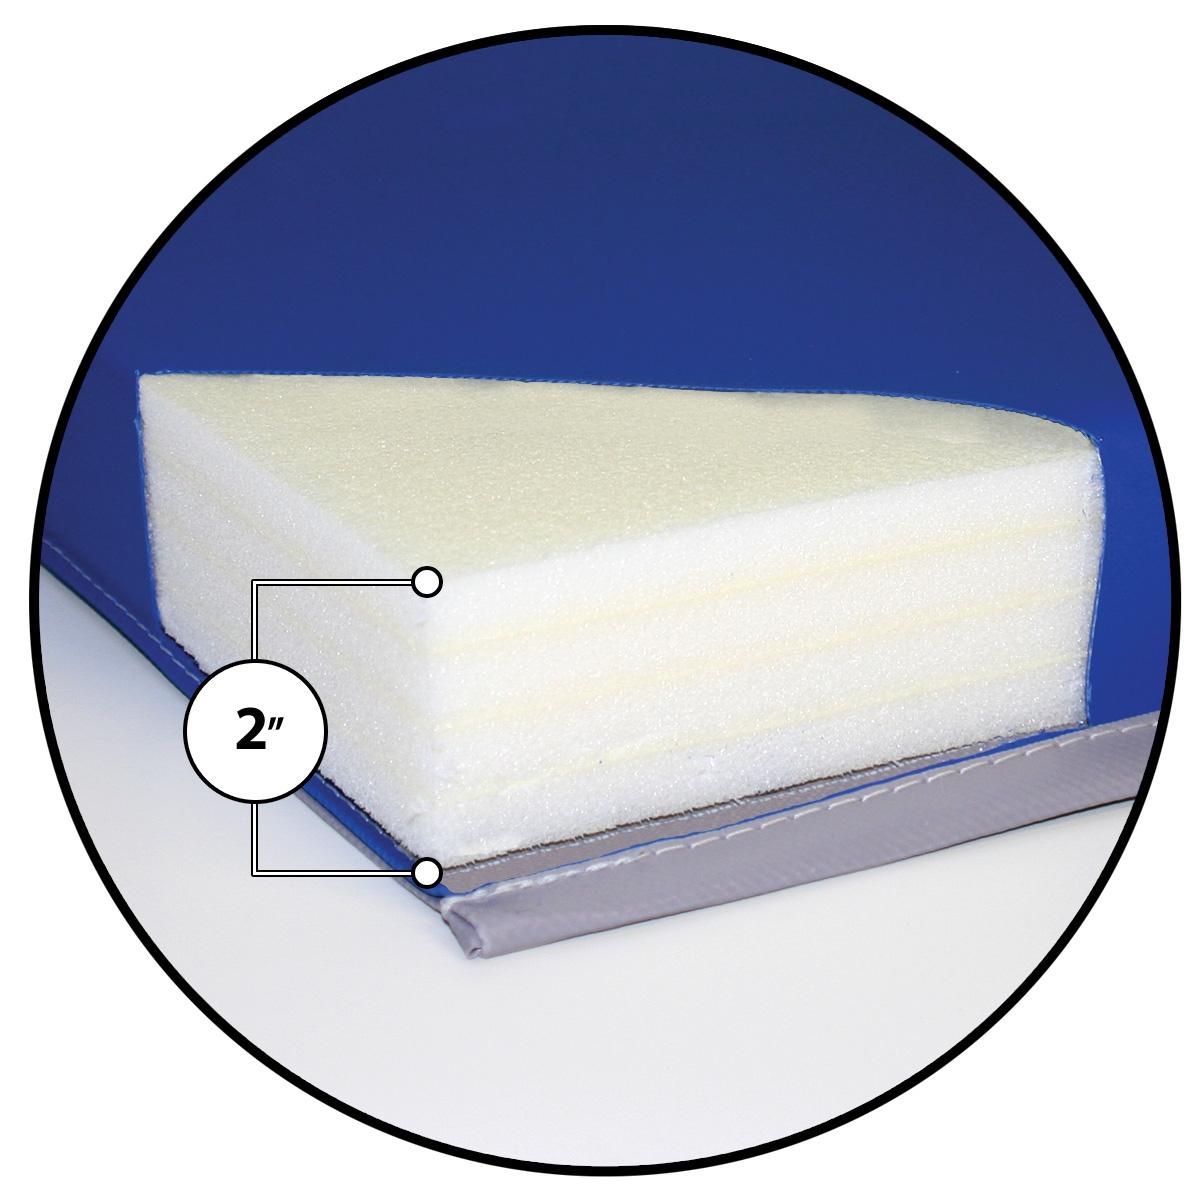 foam cut away of mancino gym mat